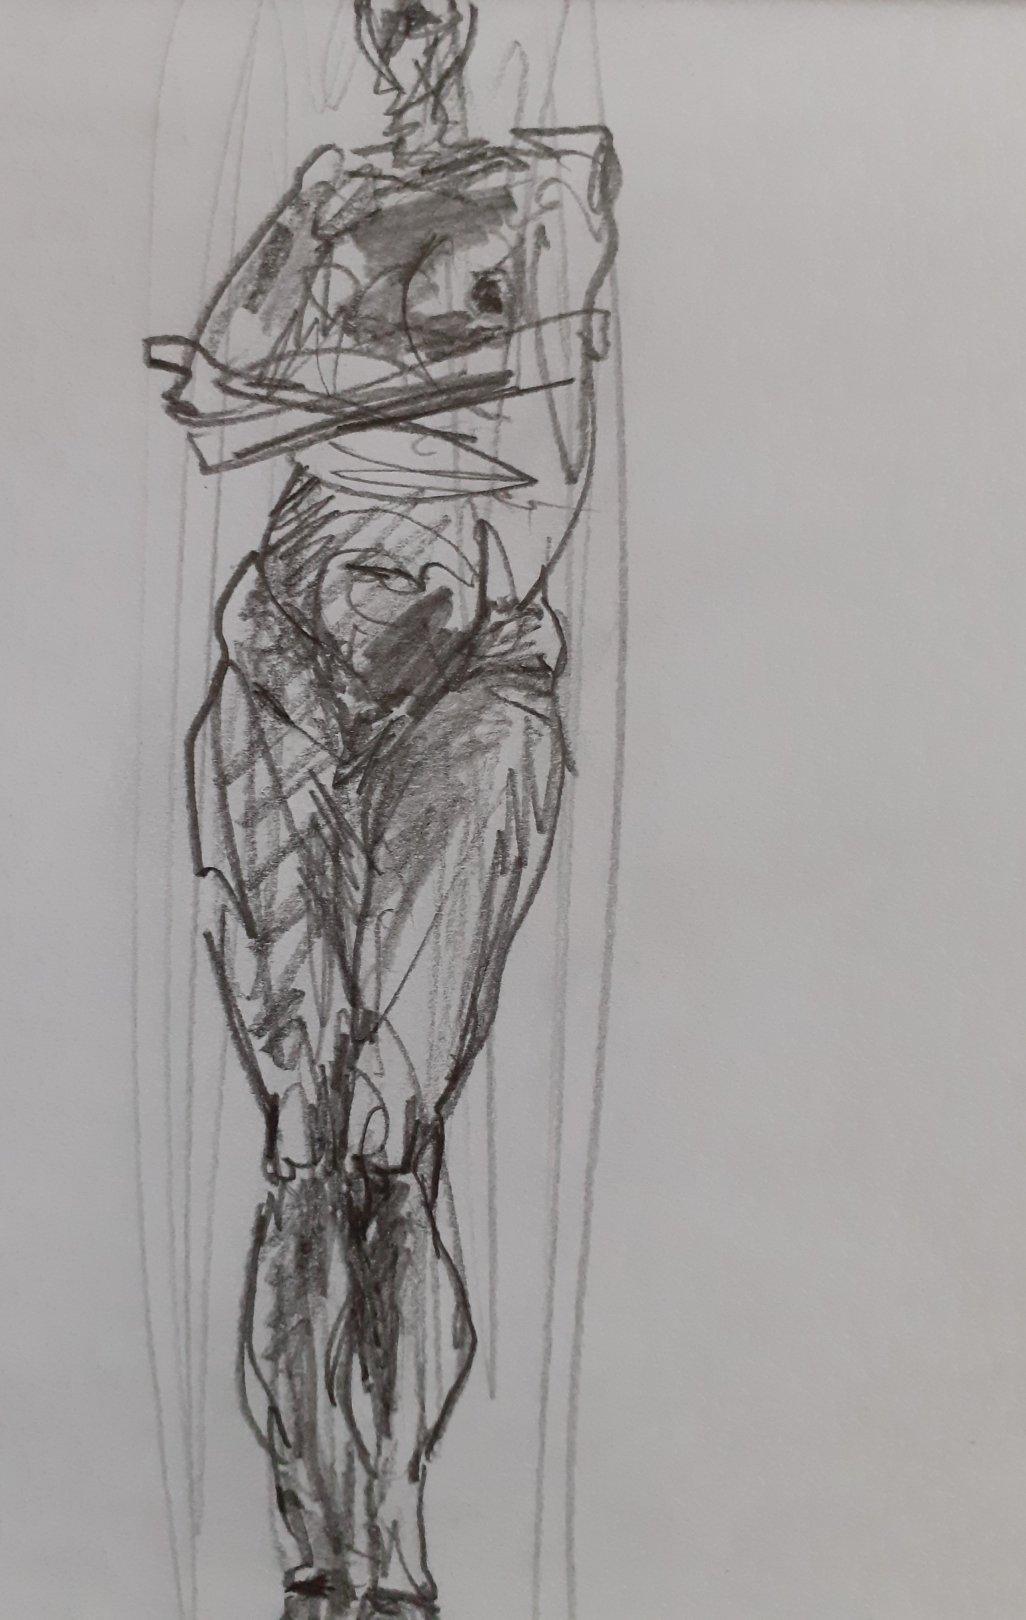 Estudio (2019) - Valeria Luccioni